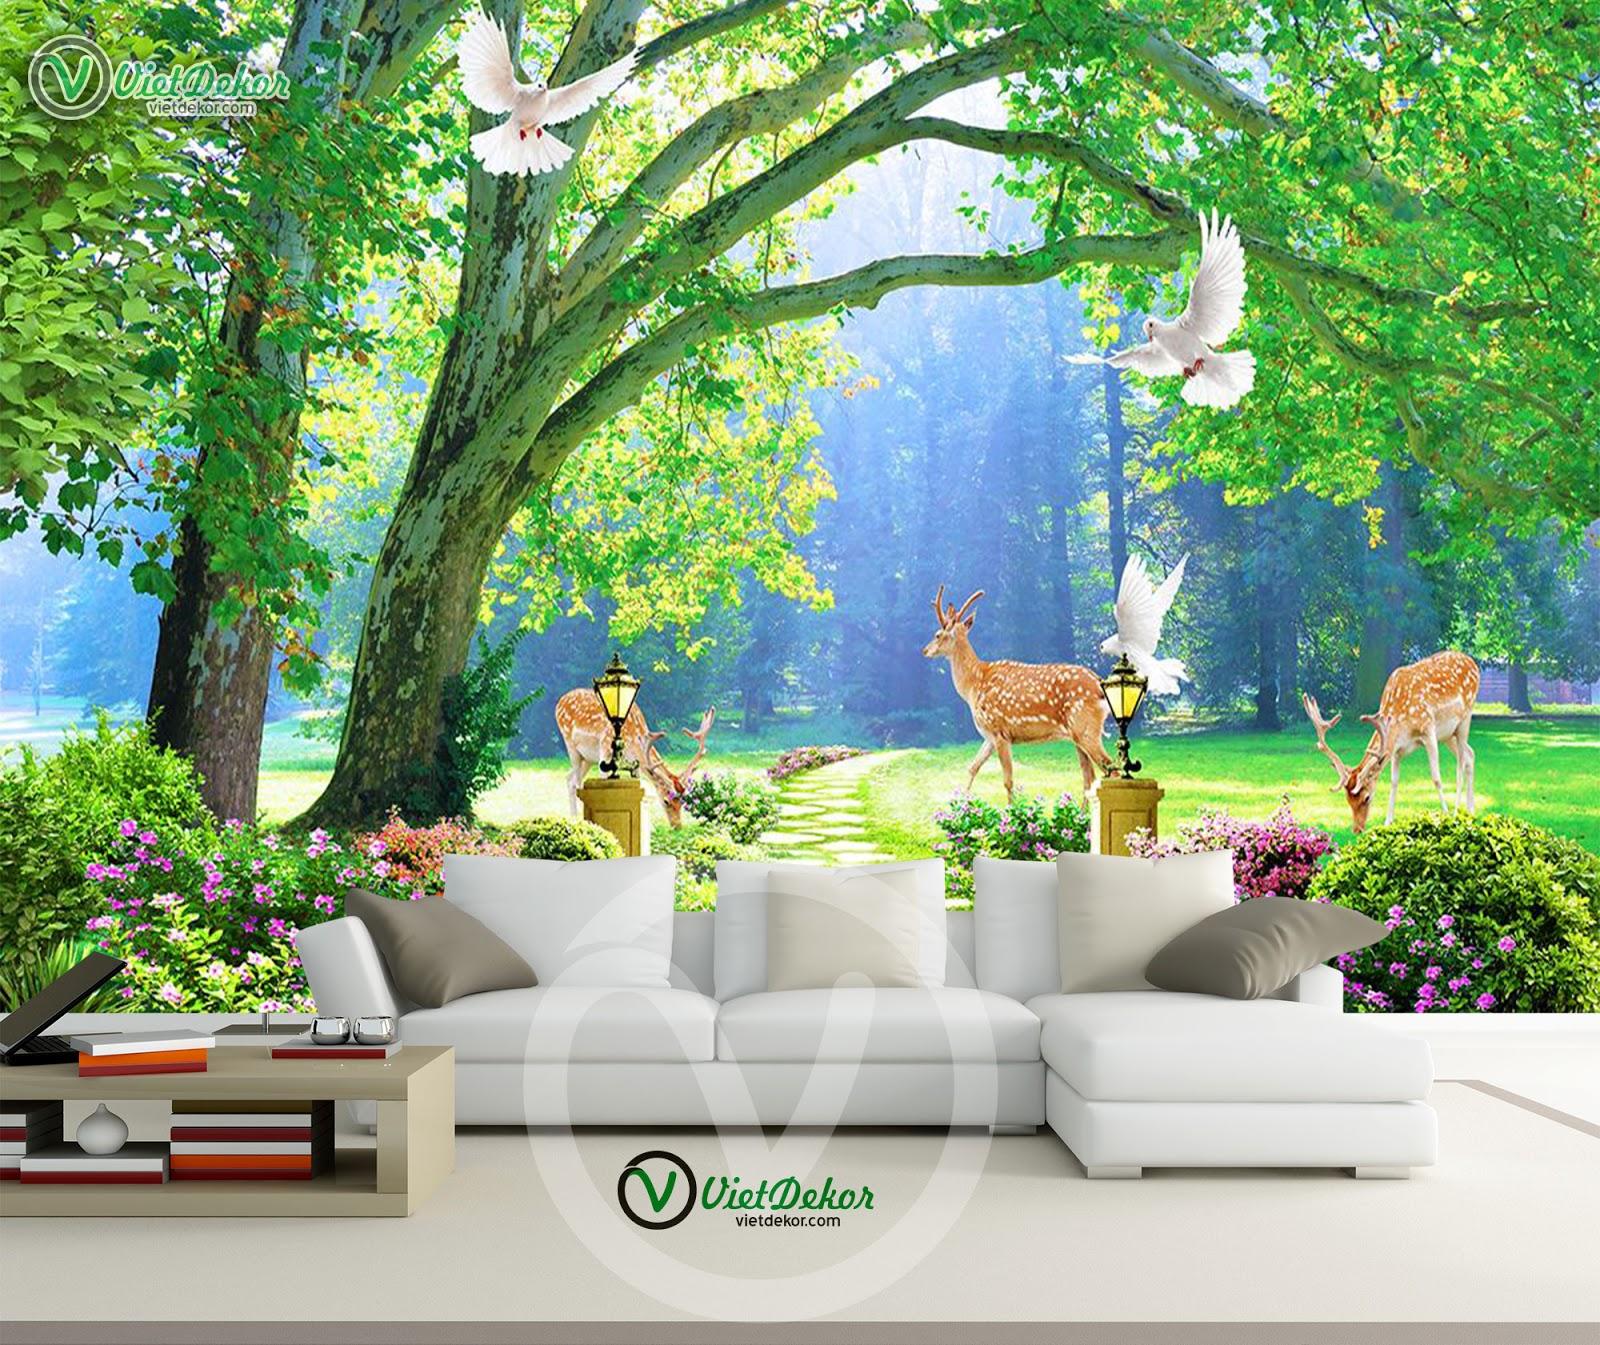 Tranh phong cảnh thiên nhiên cùng với những con lai cho phòng khách đẹp